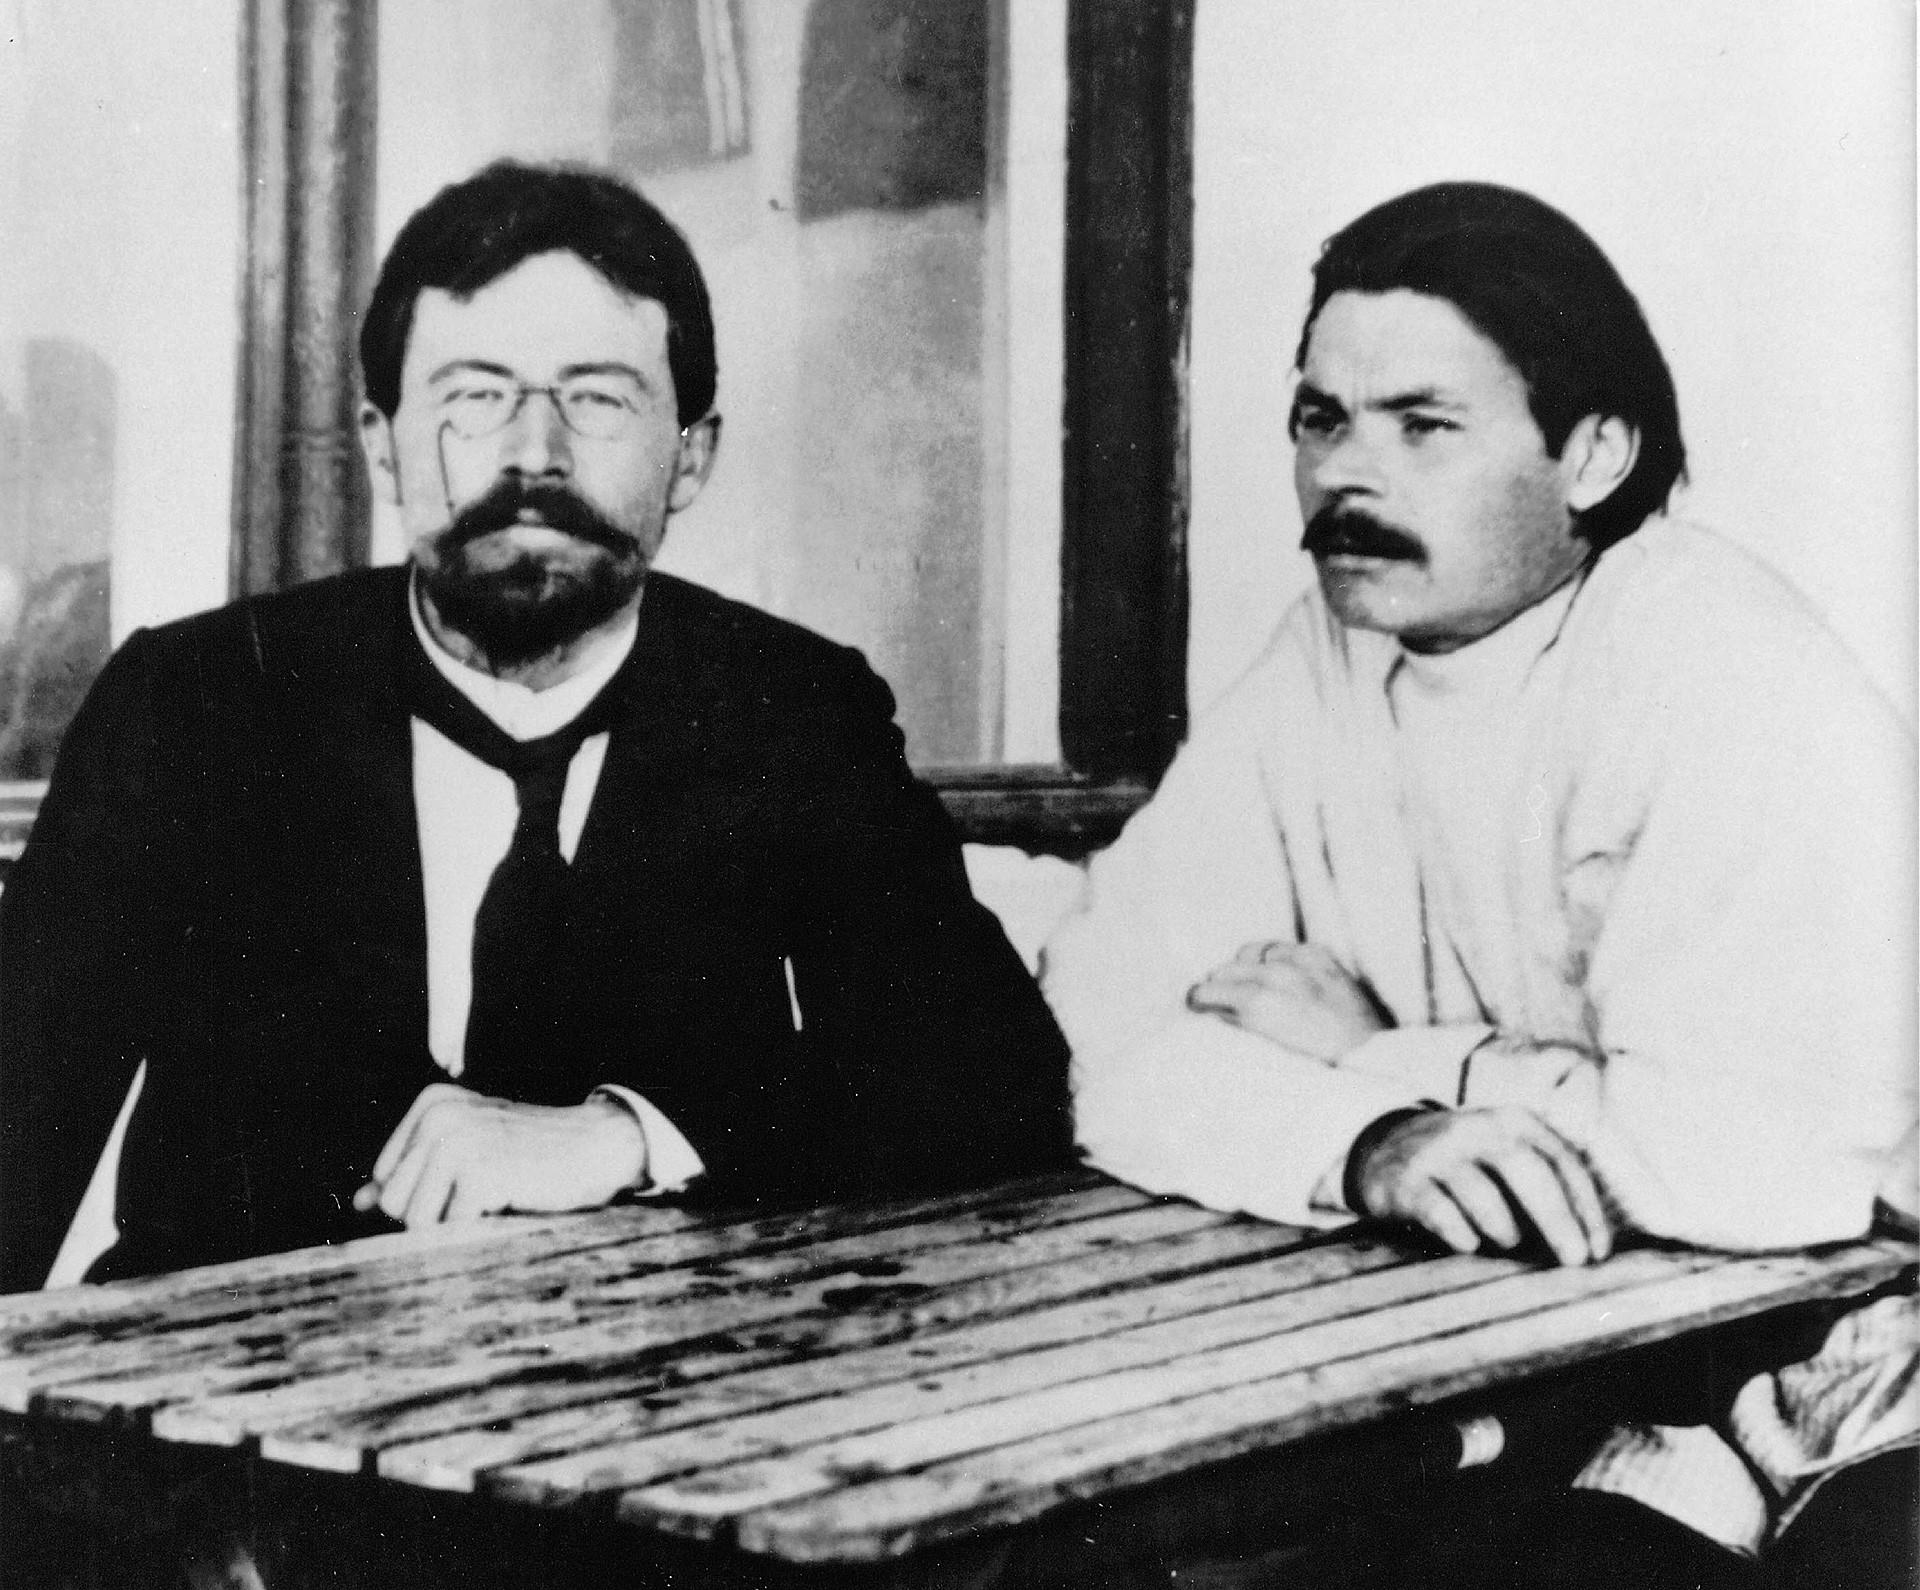 Maxim Gorki vergötterte Tschechow. Nach einer kurzen Korrespondenz will er ihn unbedingt persönlich treffen. Dieses Treffen findet dann auf der Krim statt. Gorki war begeistert von Tschechows innerer Freiheit und bat ihn um zahlreiche stilistische Tipps.